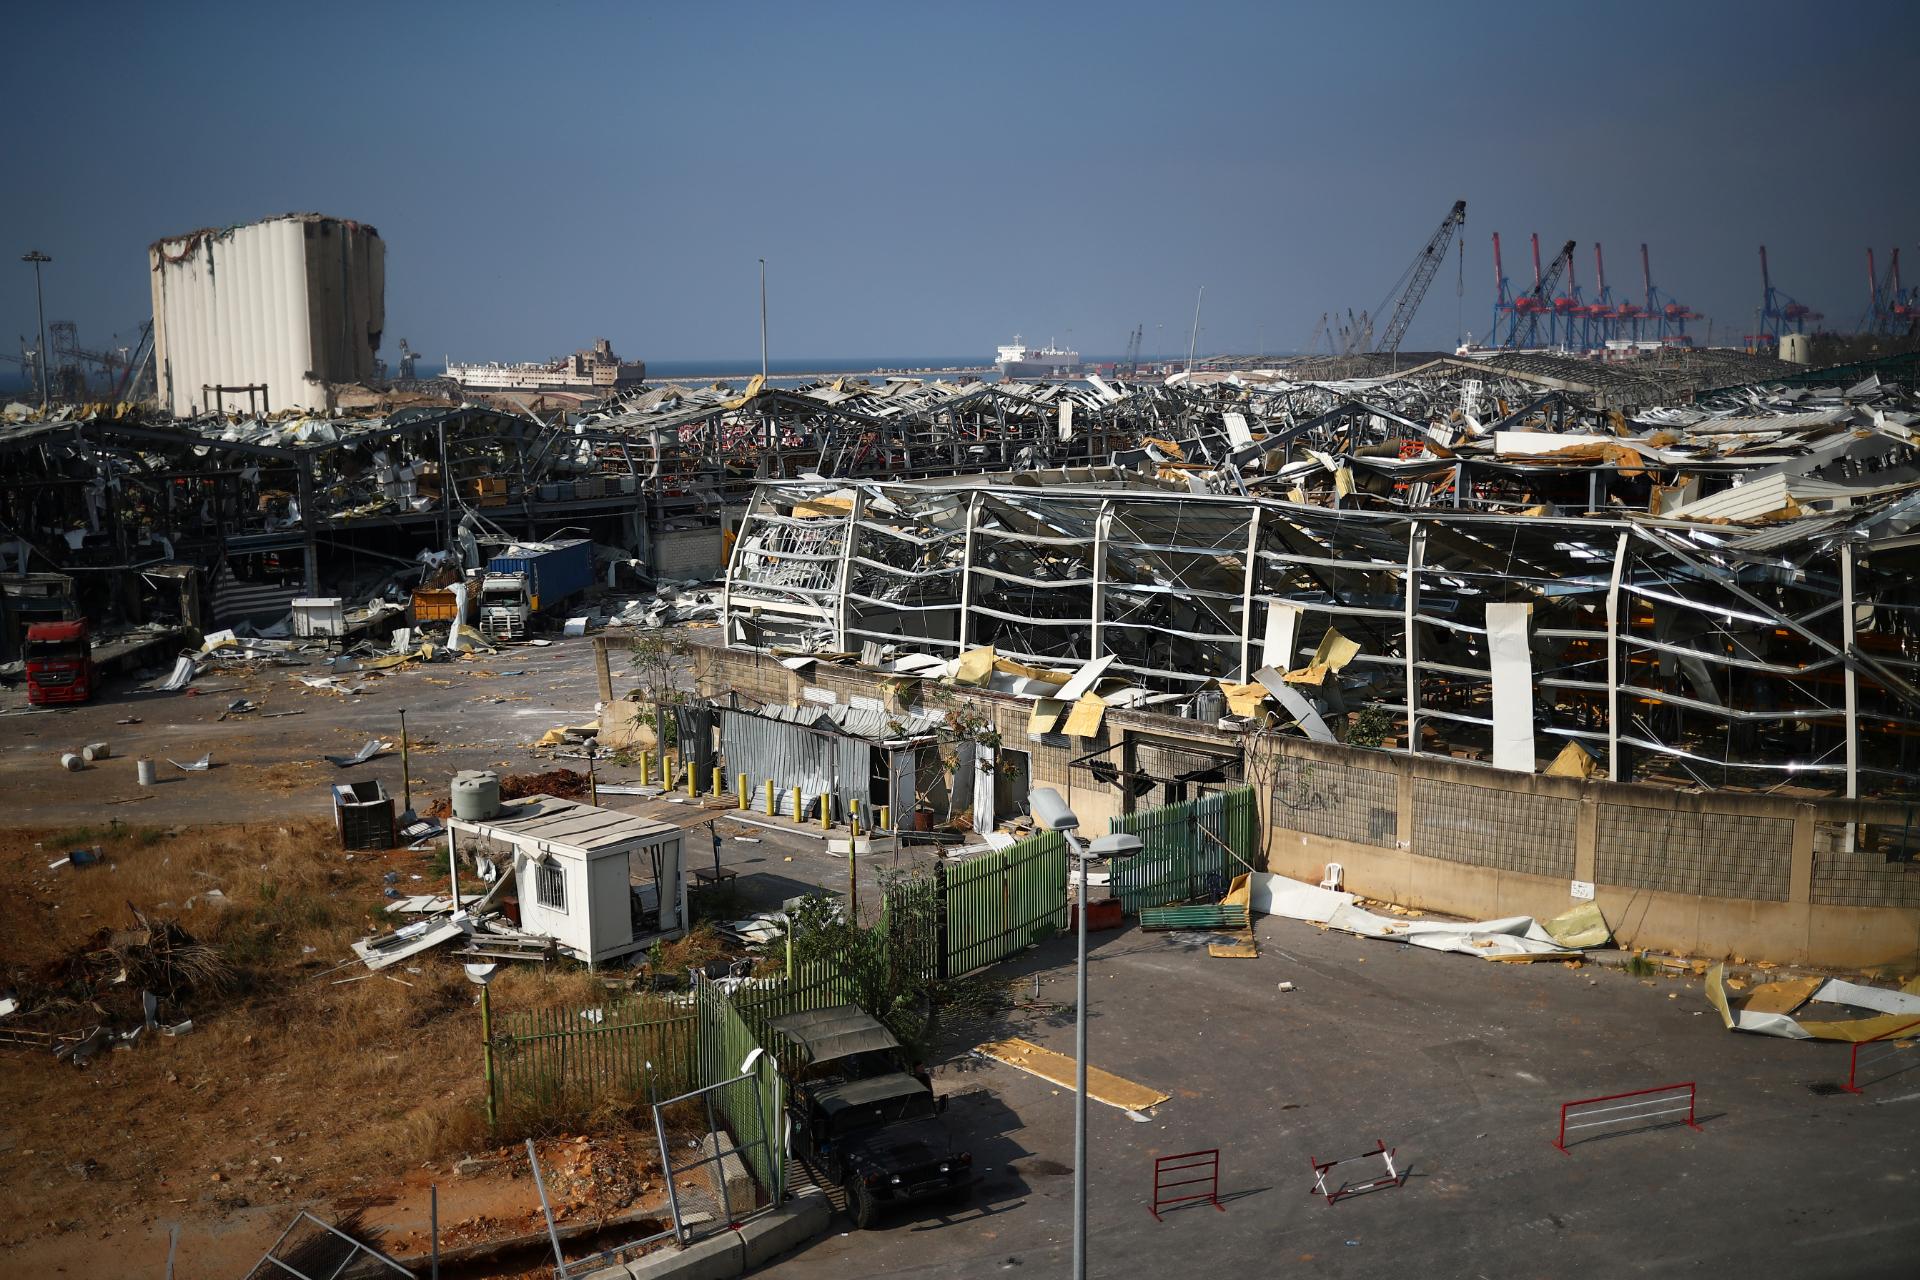 Destruição causada por explosão em área portuária de Beirute